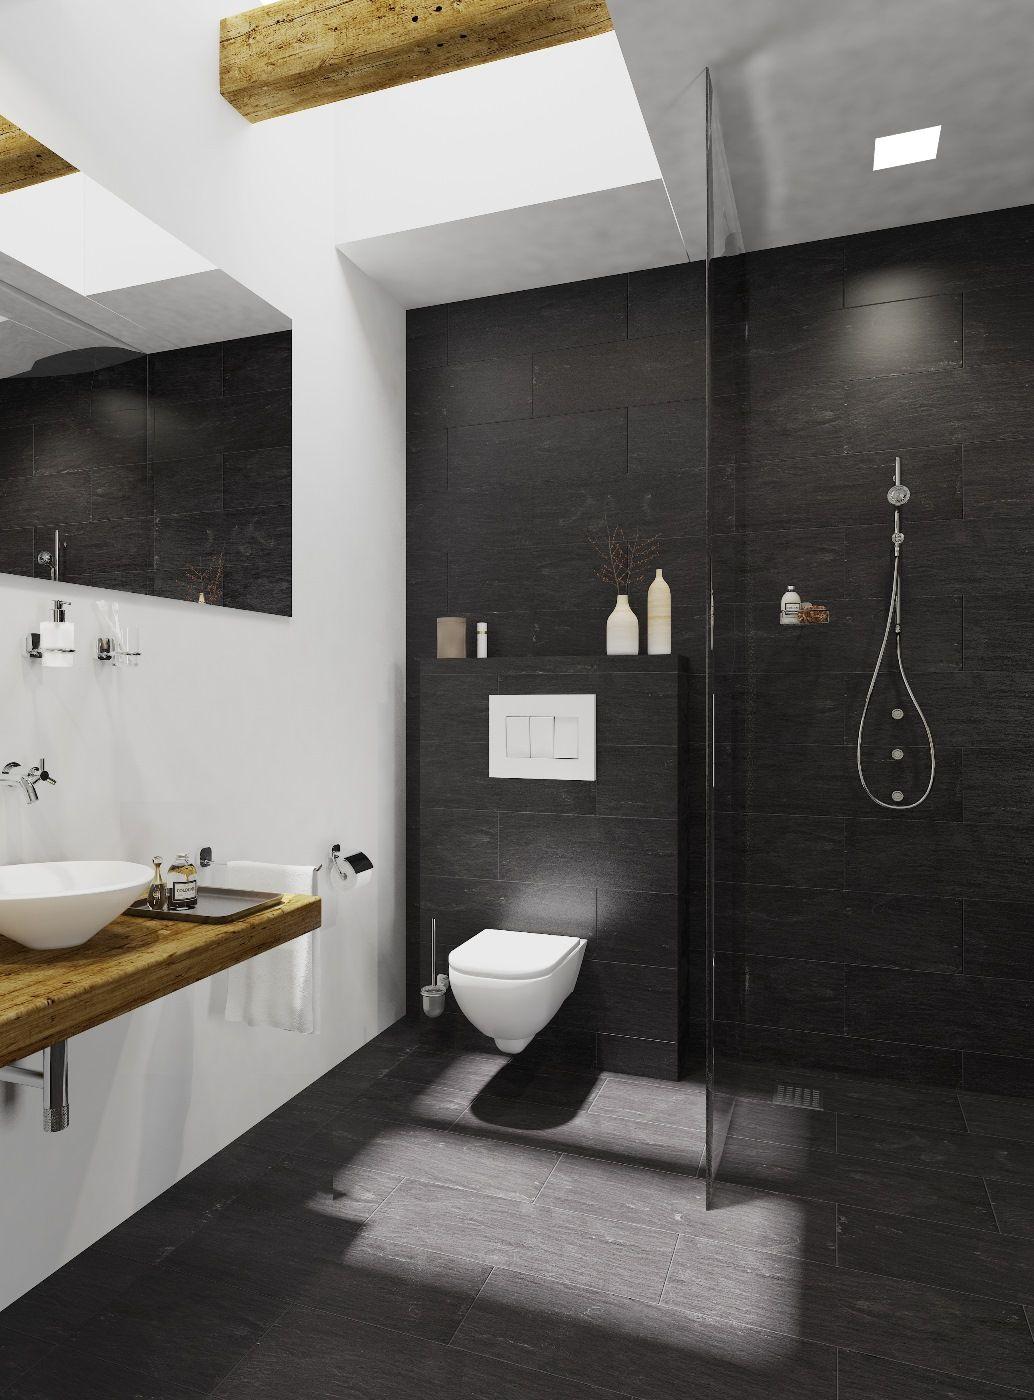 badkamer antraciet wit interieur met hoog plafond en glazen, Badkamer